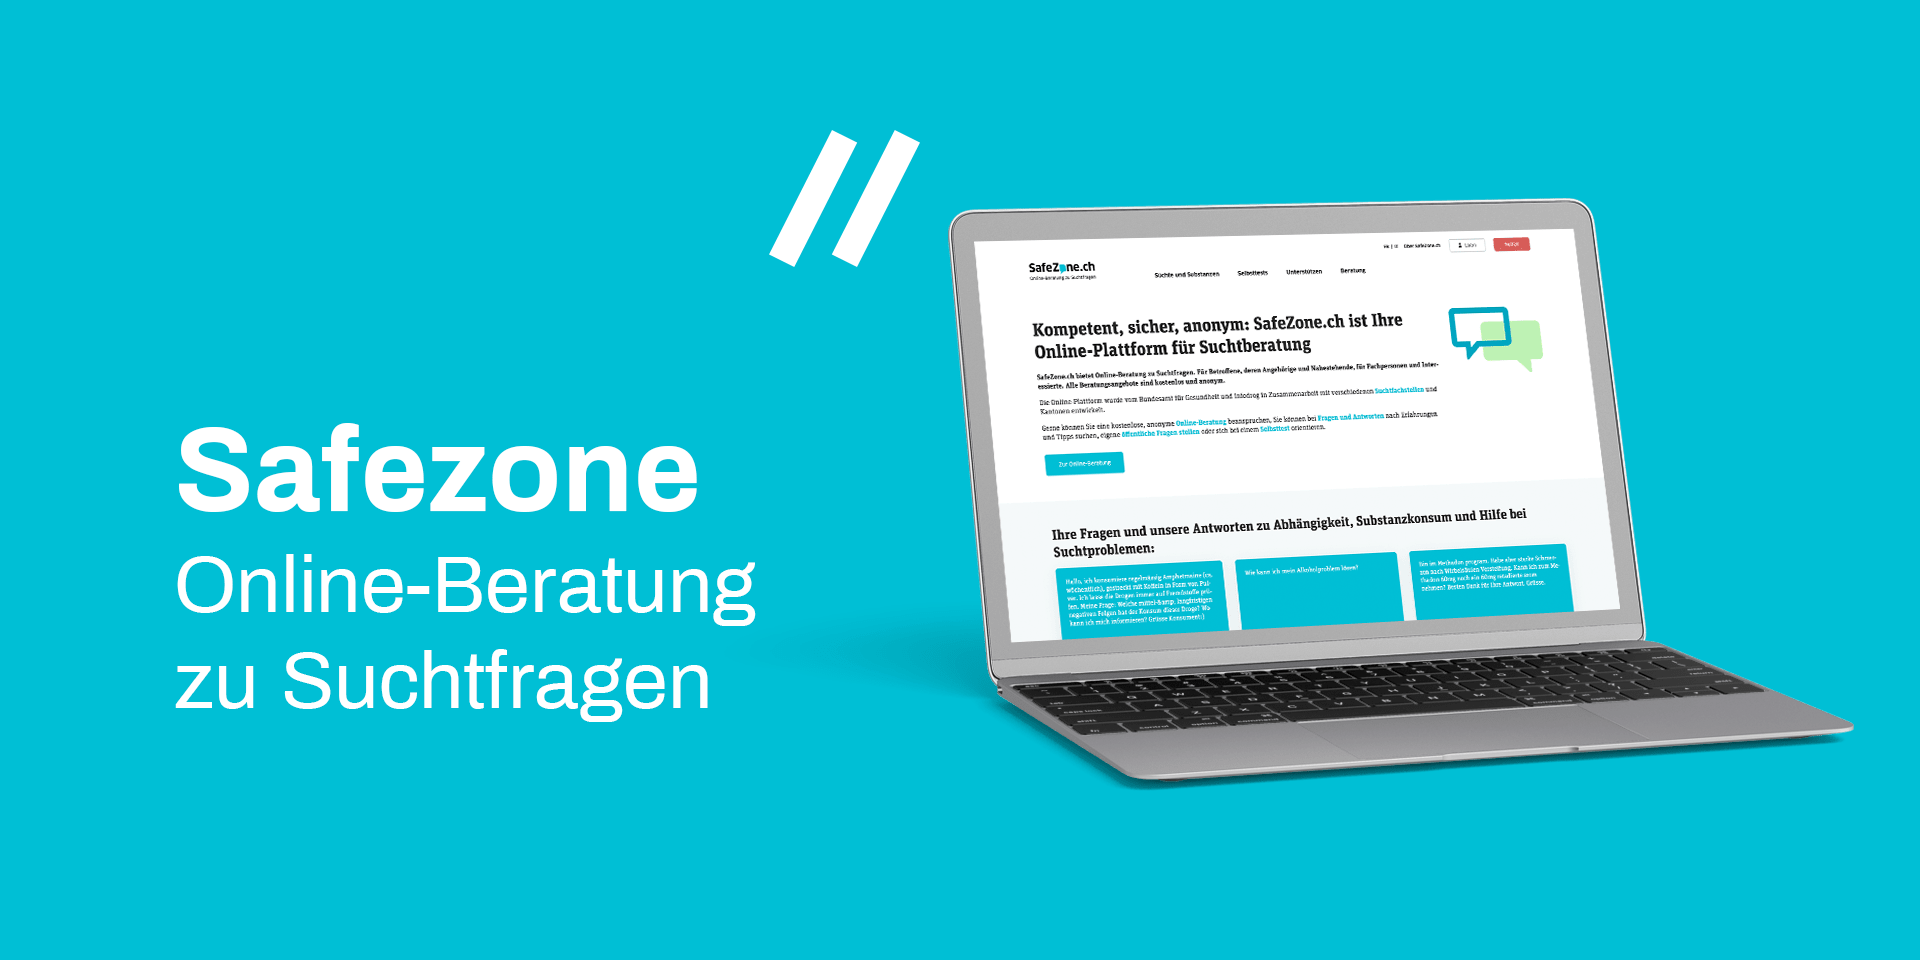 safezone_hero_case_de.png